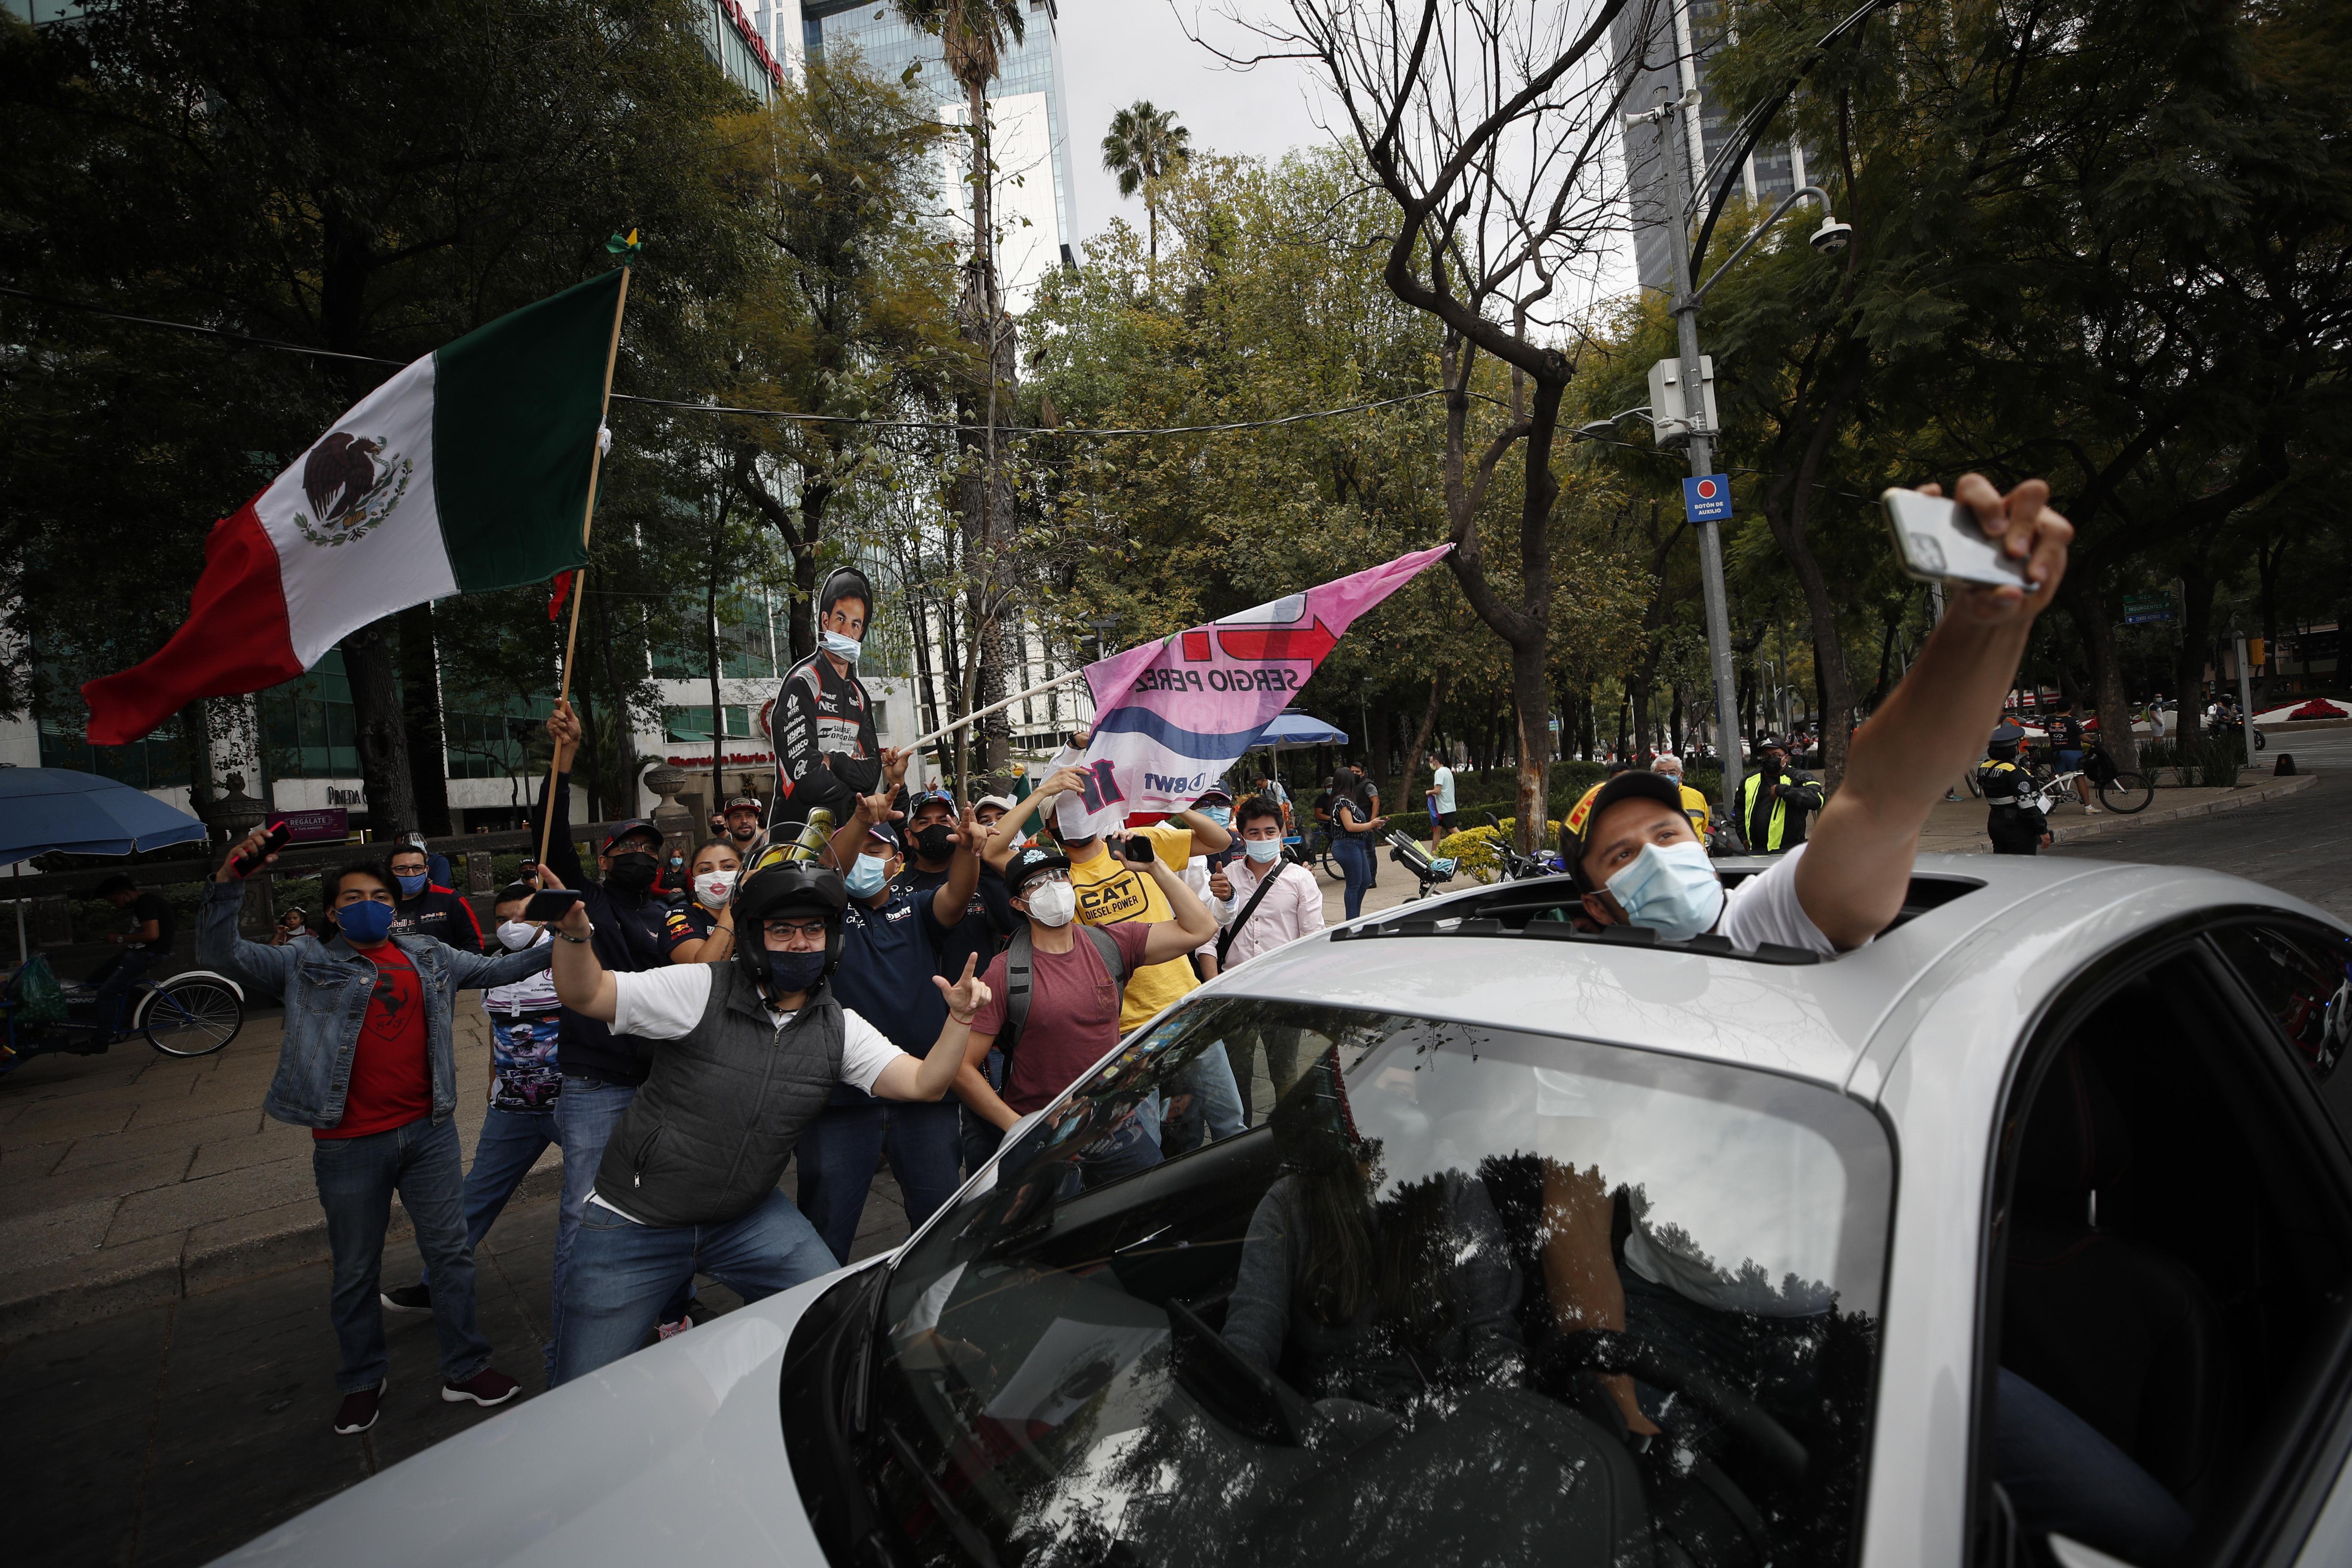 Un fan que pasa en un automóvil se detiene para posar para una foto con personas que celebran la primera victoria de Sergio